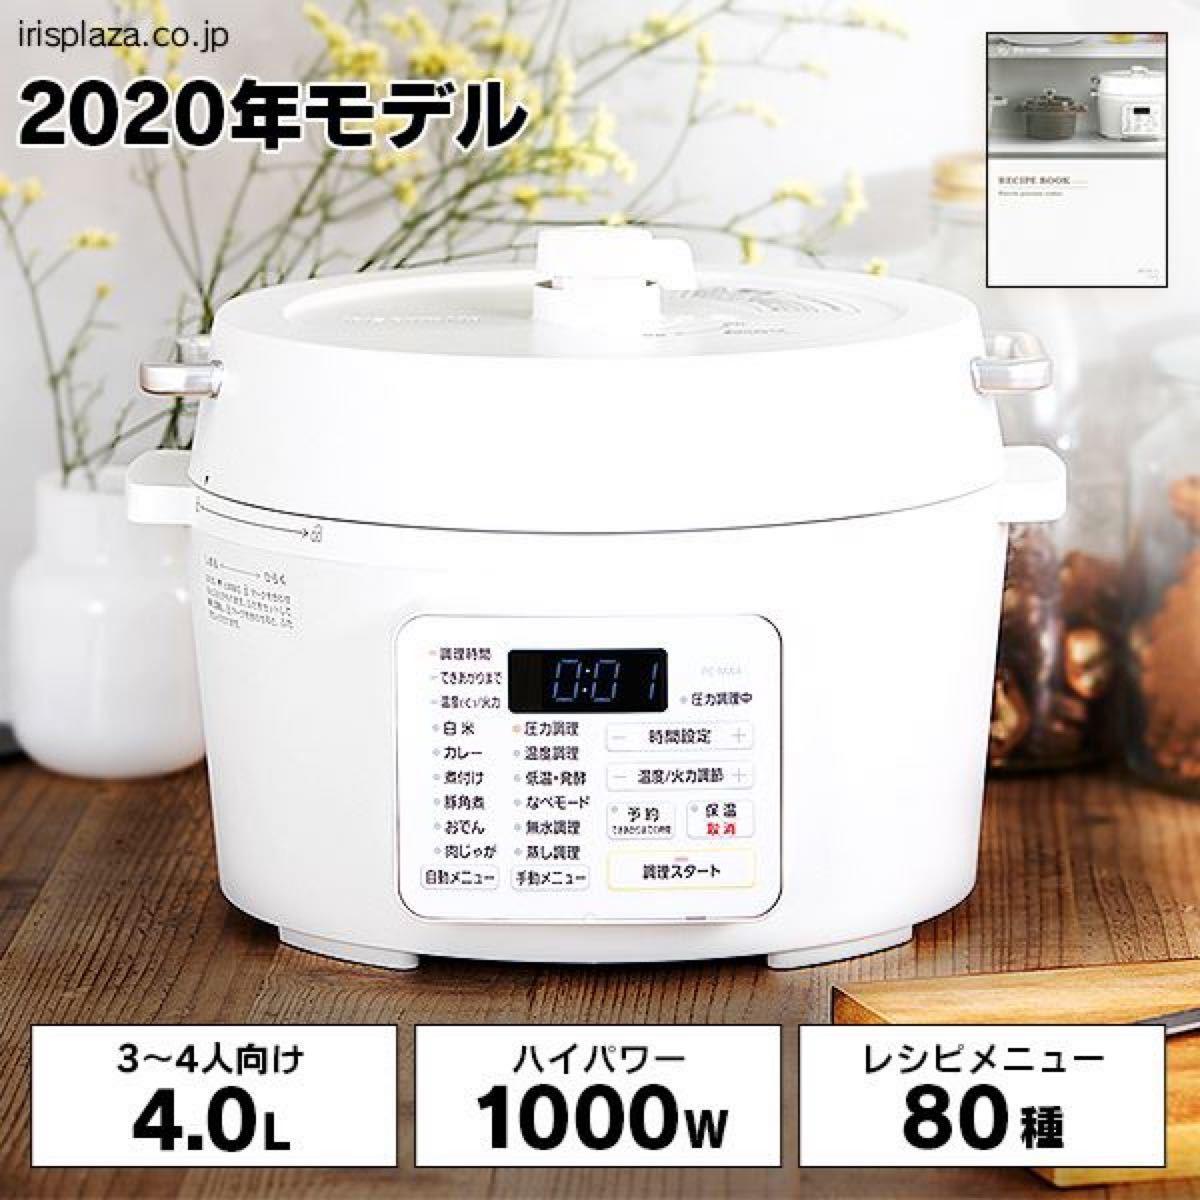 電気圧力鍋 アイリスオーヤマ 電気圧力鍋 4.0L ホワイト PC-MA4-W  新品未使用 家庭用 炊飯器